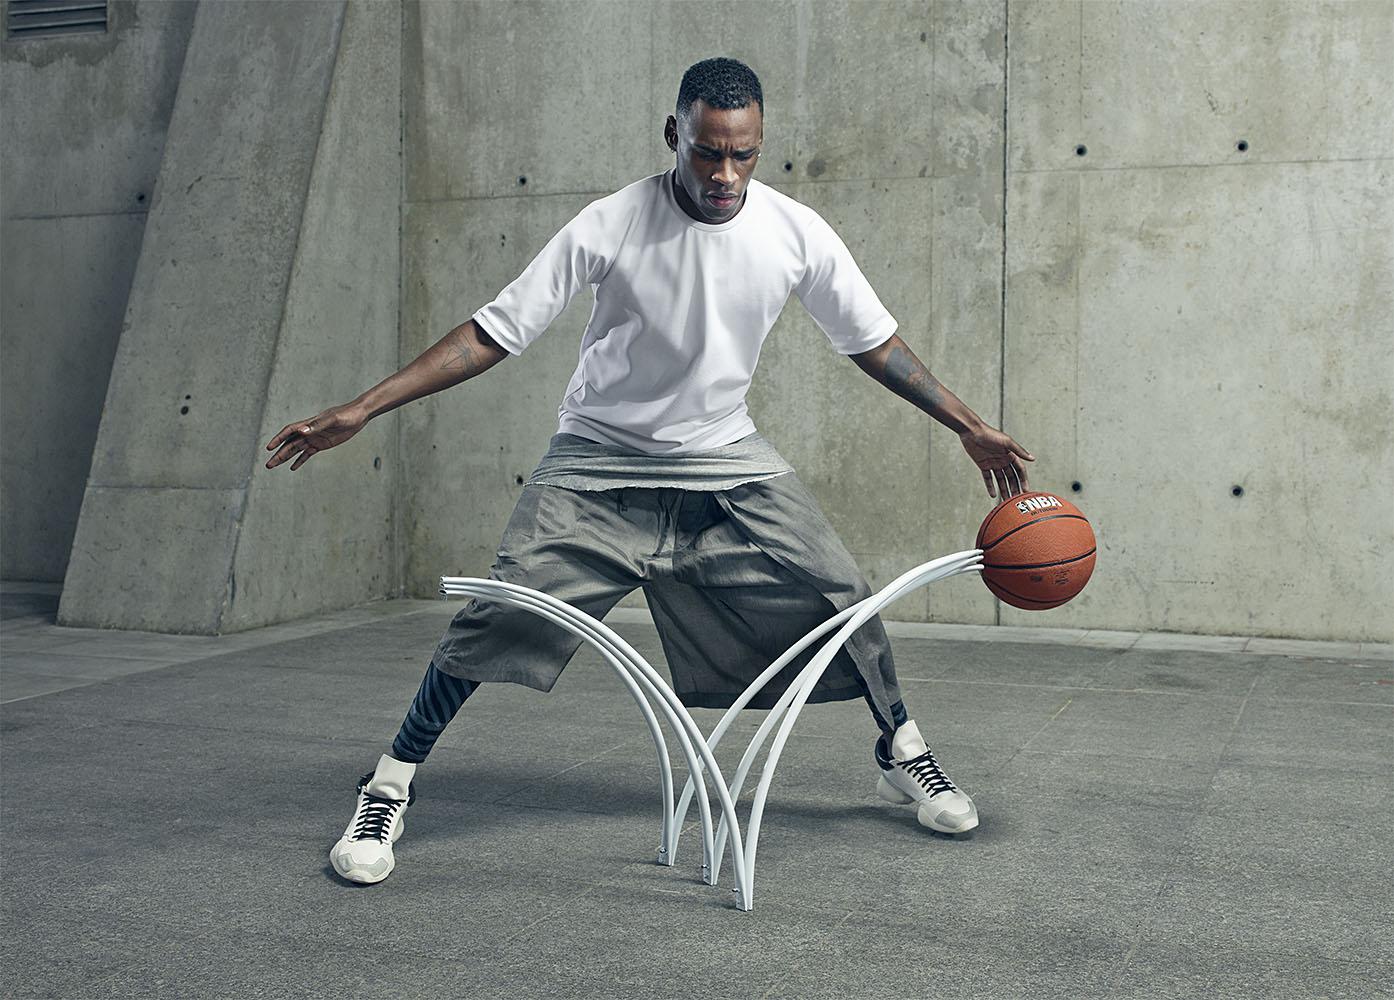 sport-BKRW-basket6